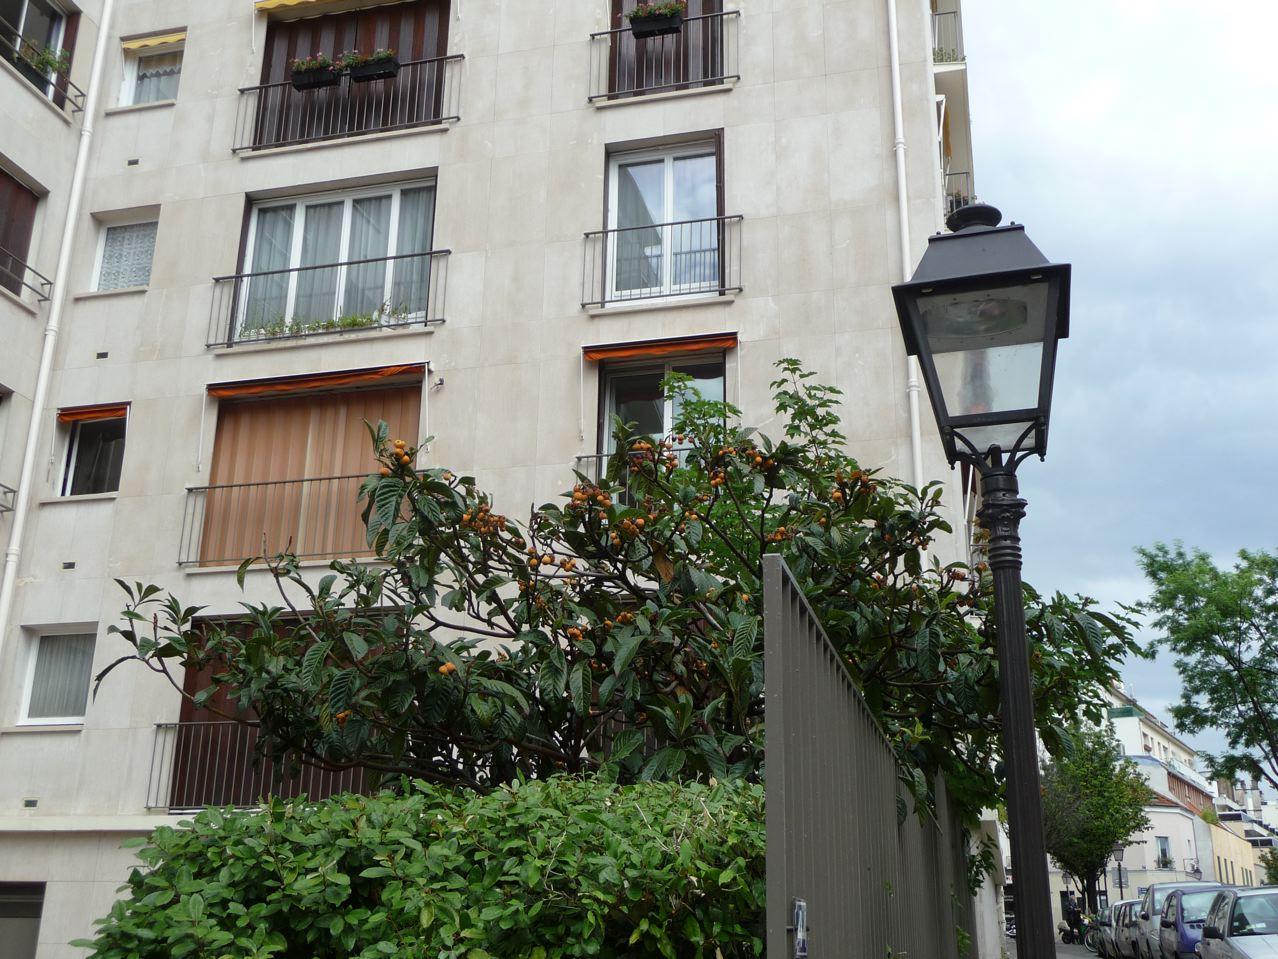 Arbre fruitier exotique dans Paris